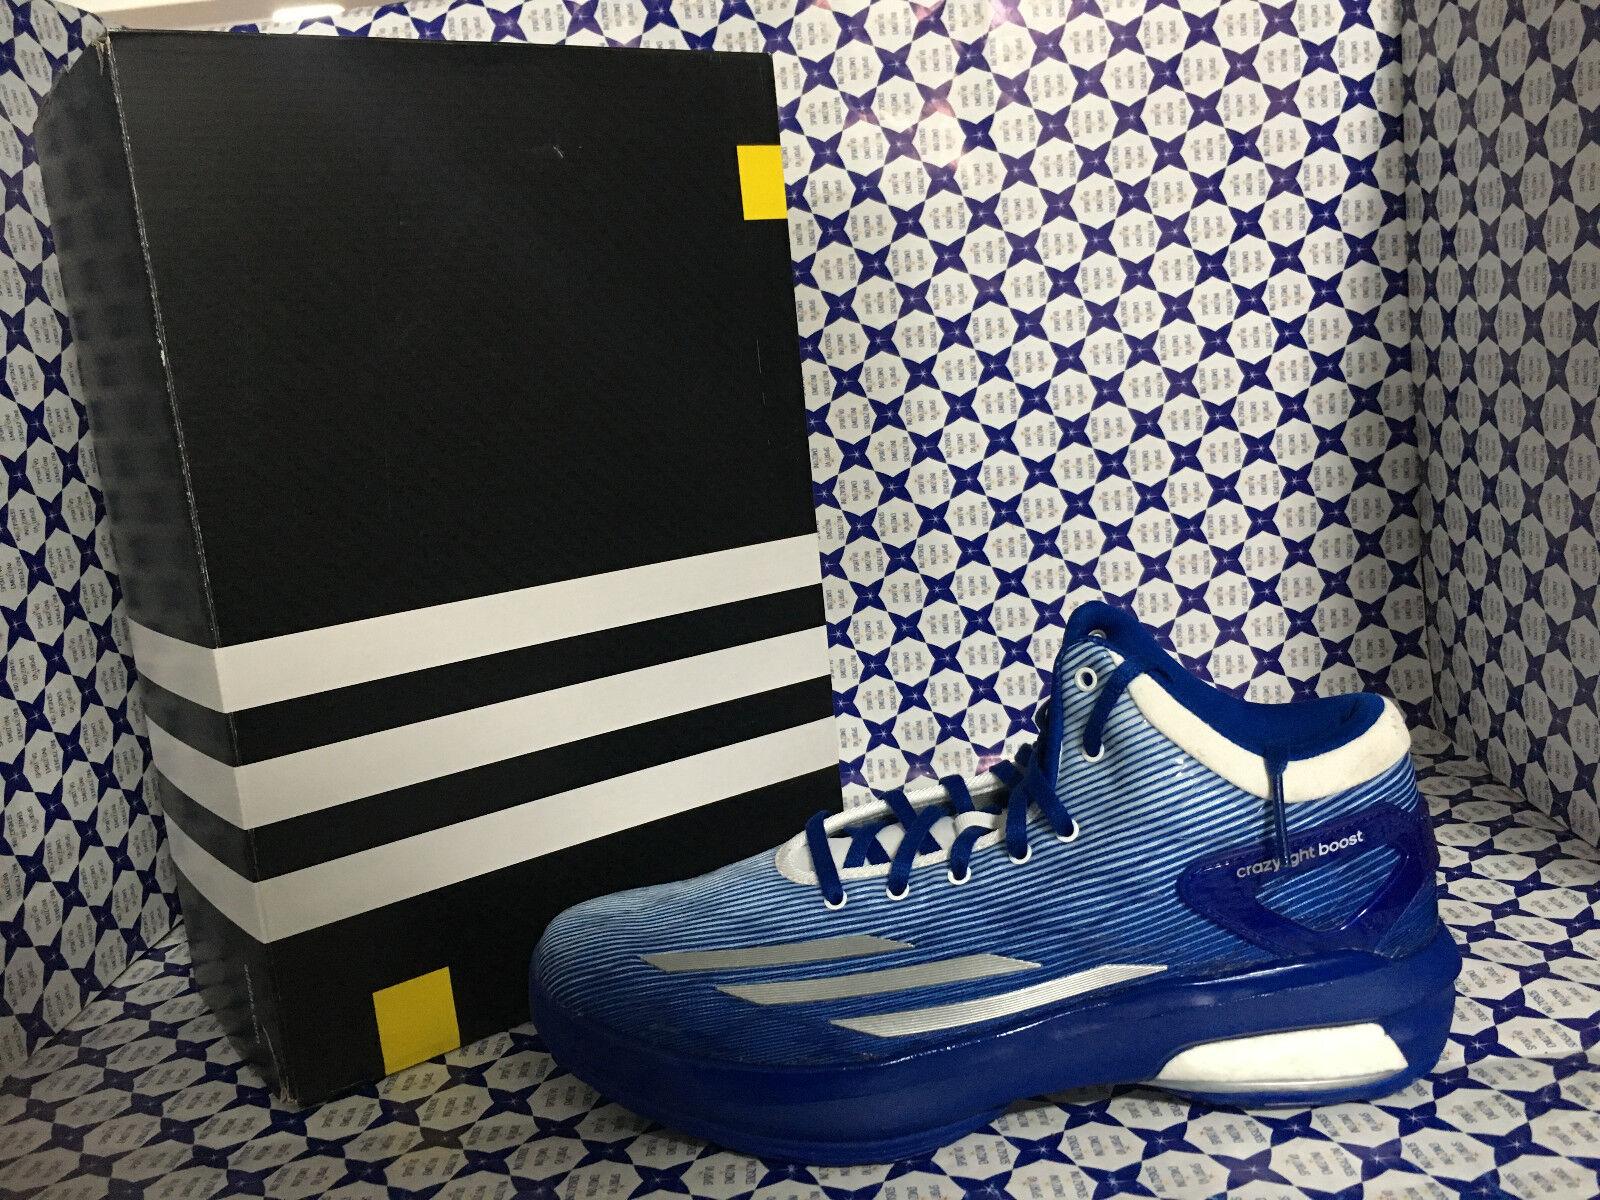 Scarpe Adidas Basket Uomo - Crazylight Boost  SCONTATE - Royal Bianco - C77248 Scarpe classiche da uomo